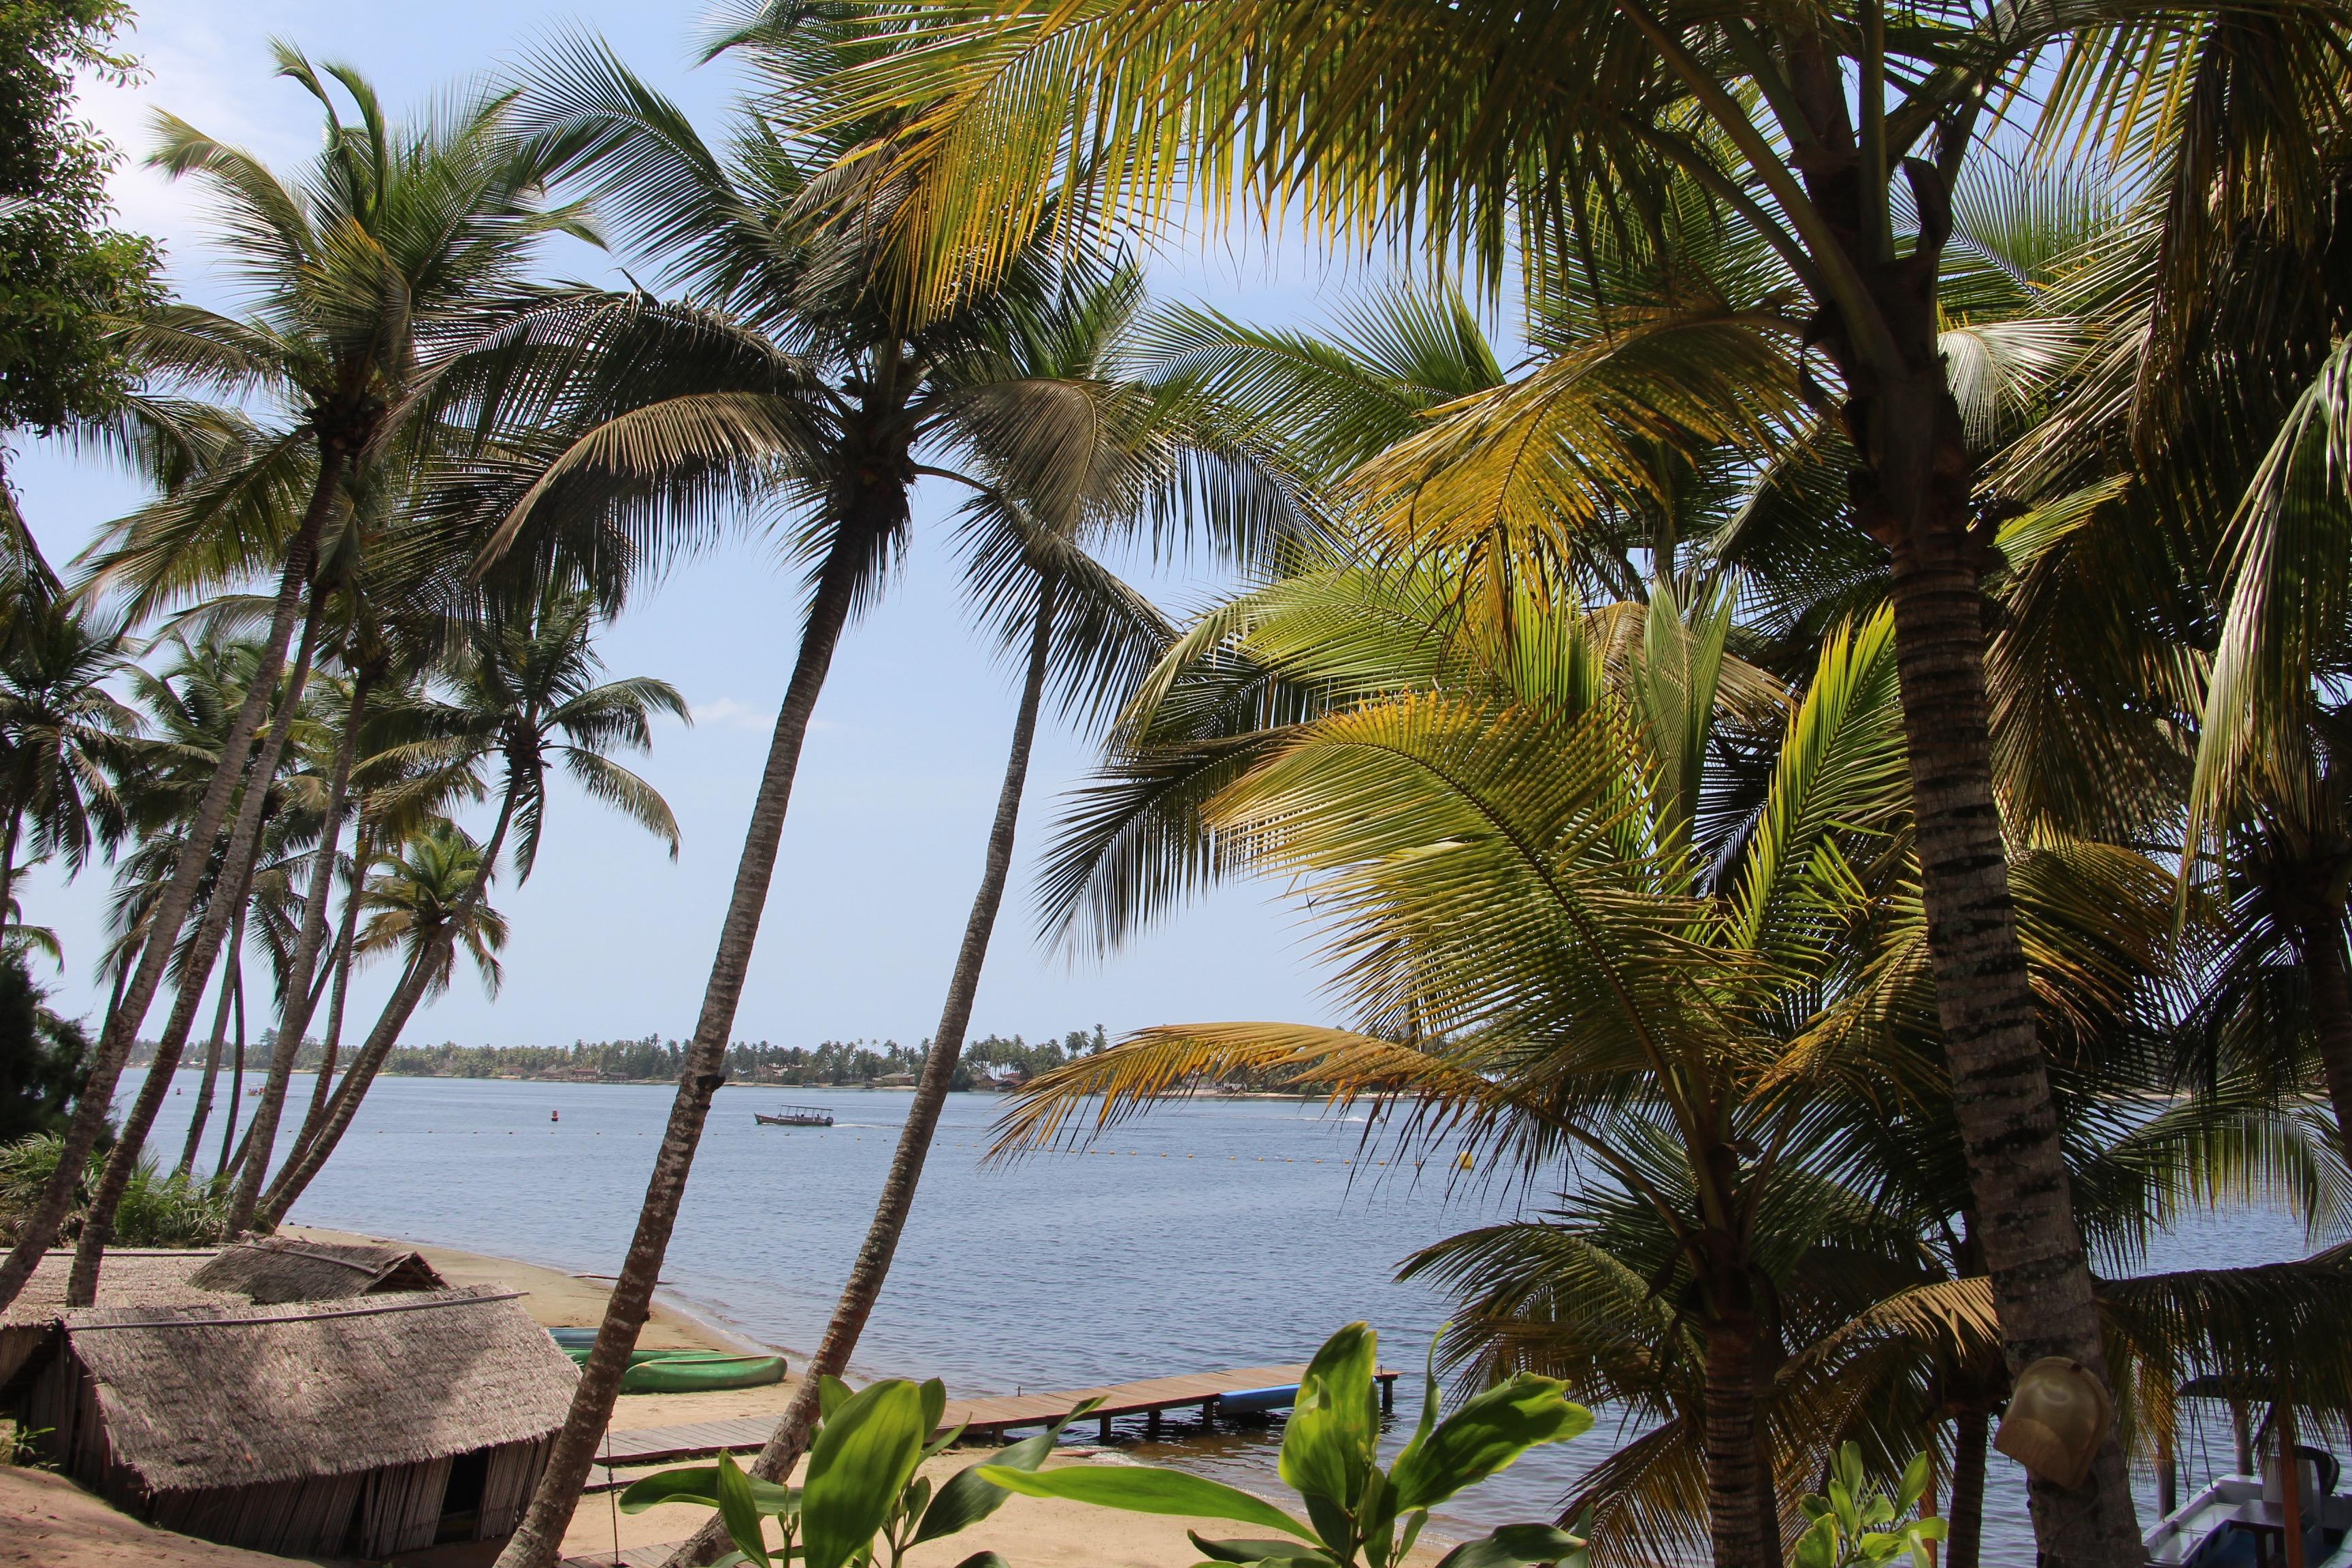 IMG 4546 - Bénévolat et Tourisme Solidaire en Côte d'Ivoire : l'expérience de Sofia